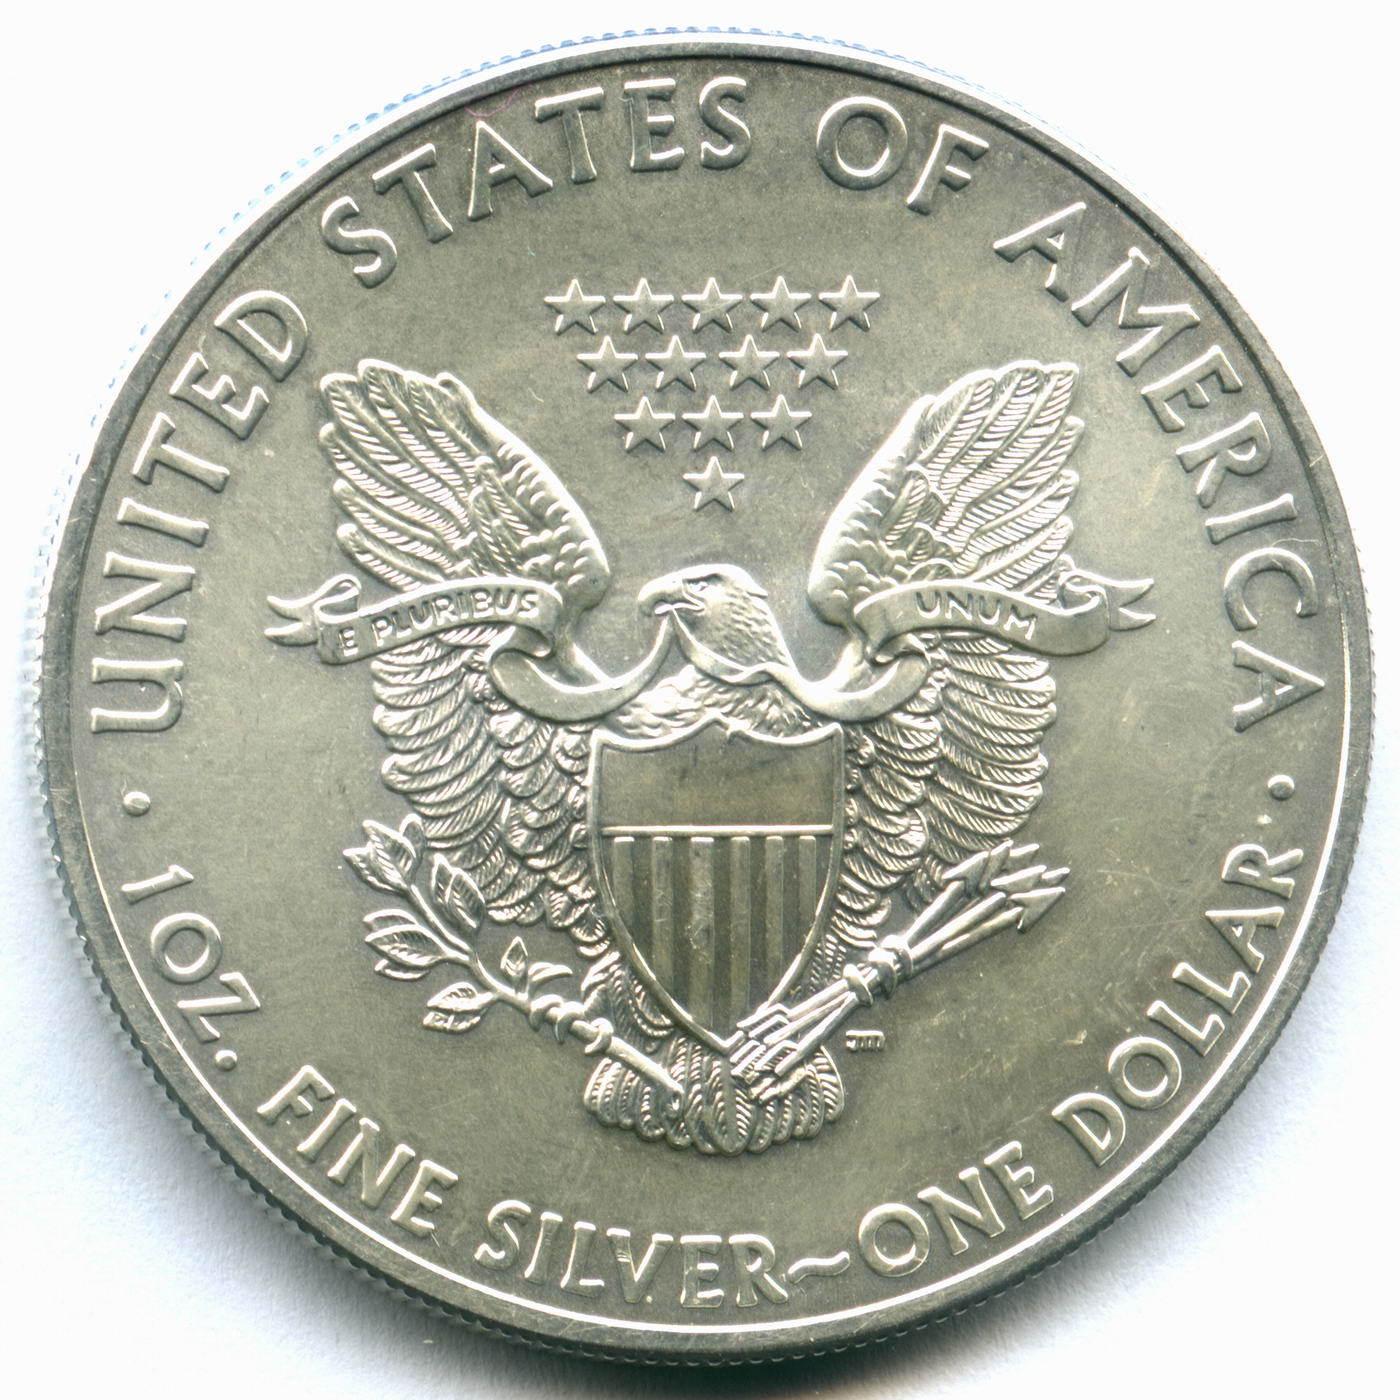 1 доллар 2012 год США AU